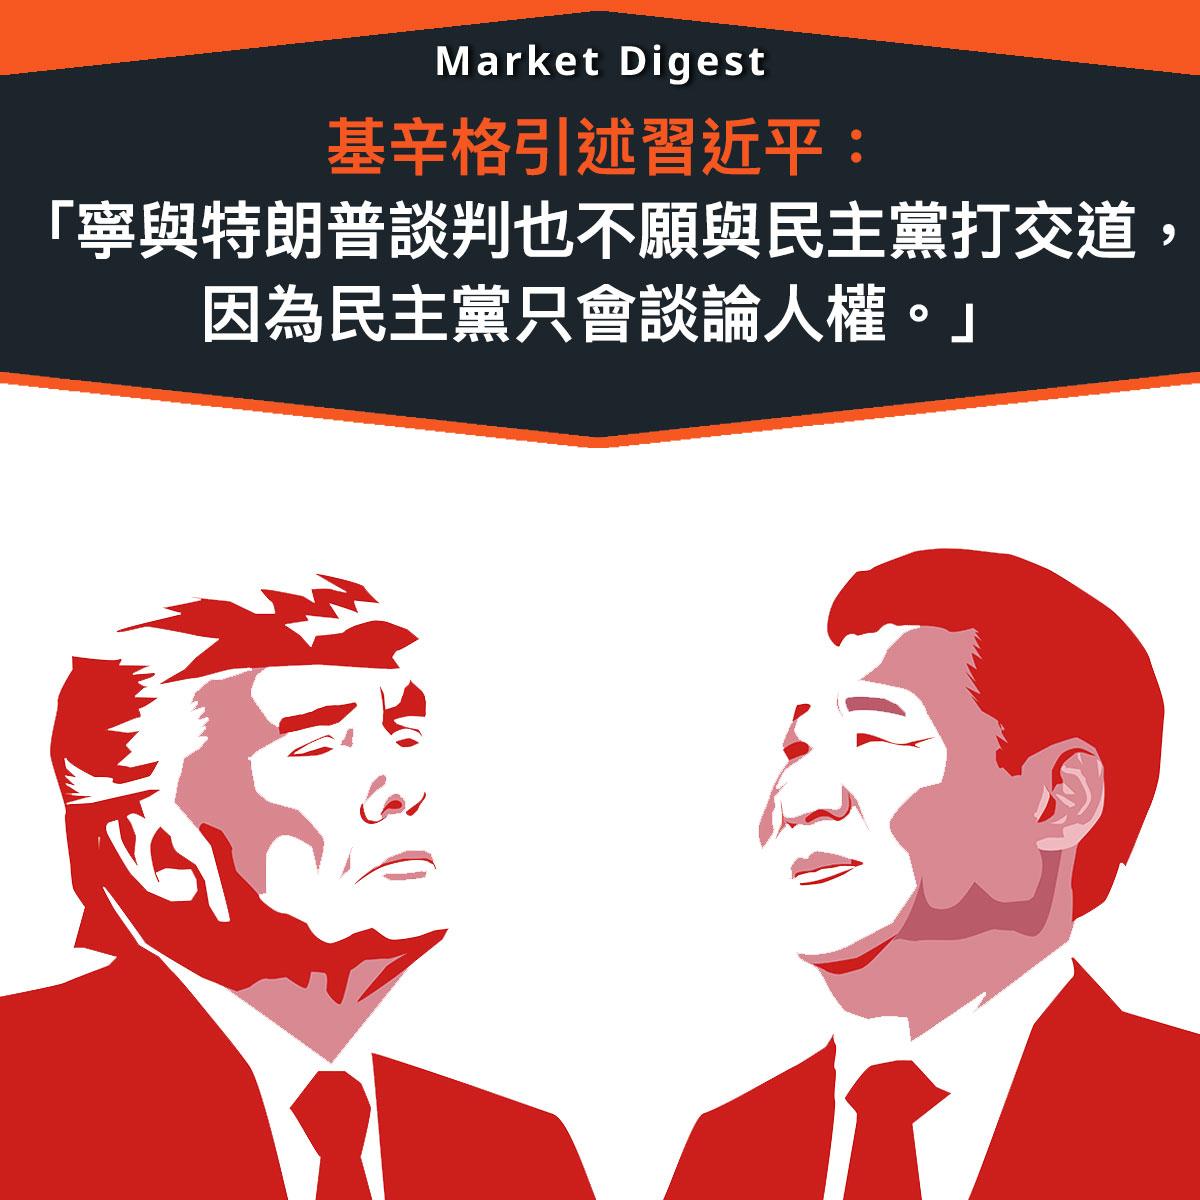 【中美貿易戰】基辛格引述習近平:「寧與特朗普談判也不願與民主黨打交道」